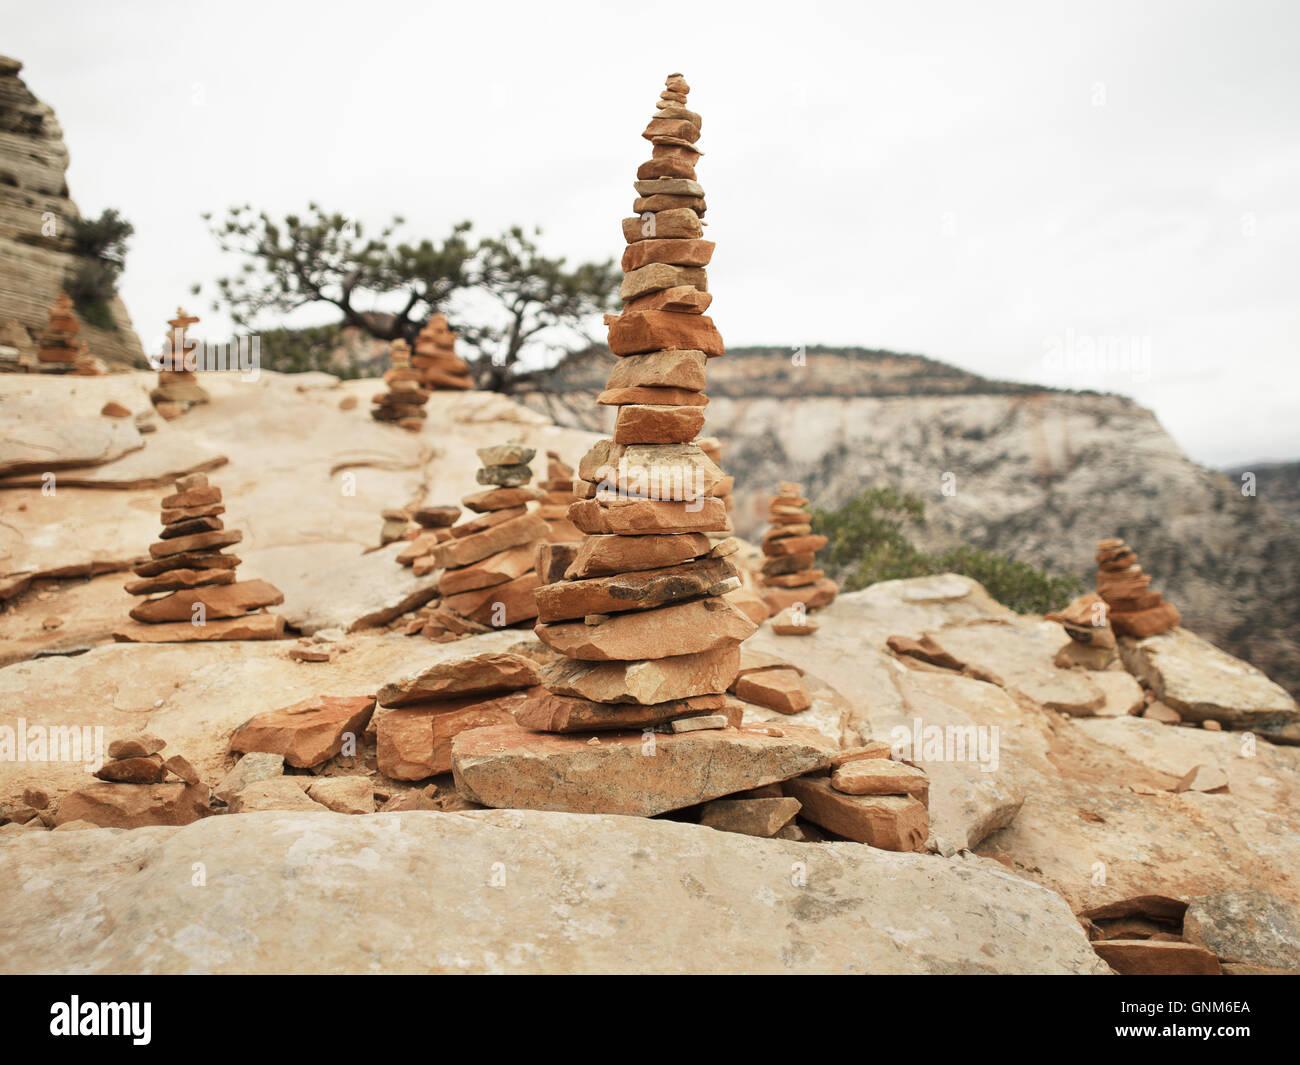 Stapel von Steinen kennzeichnen den Weg für Pfade im Zion National Park und andere Wanderungen im südlichen Stockbild